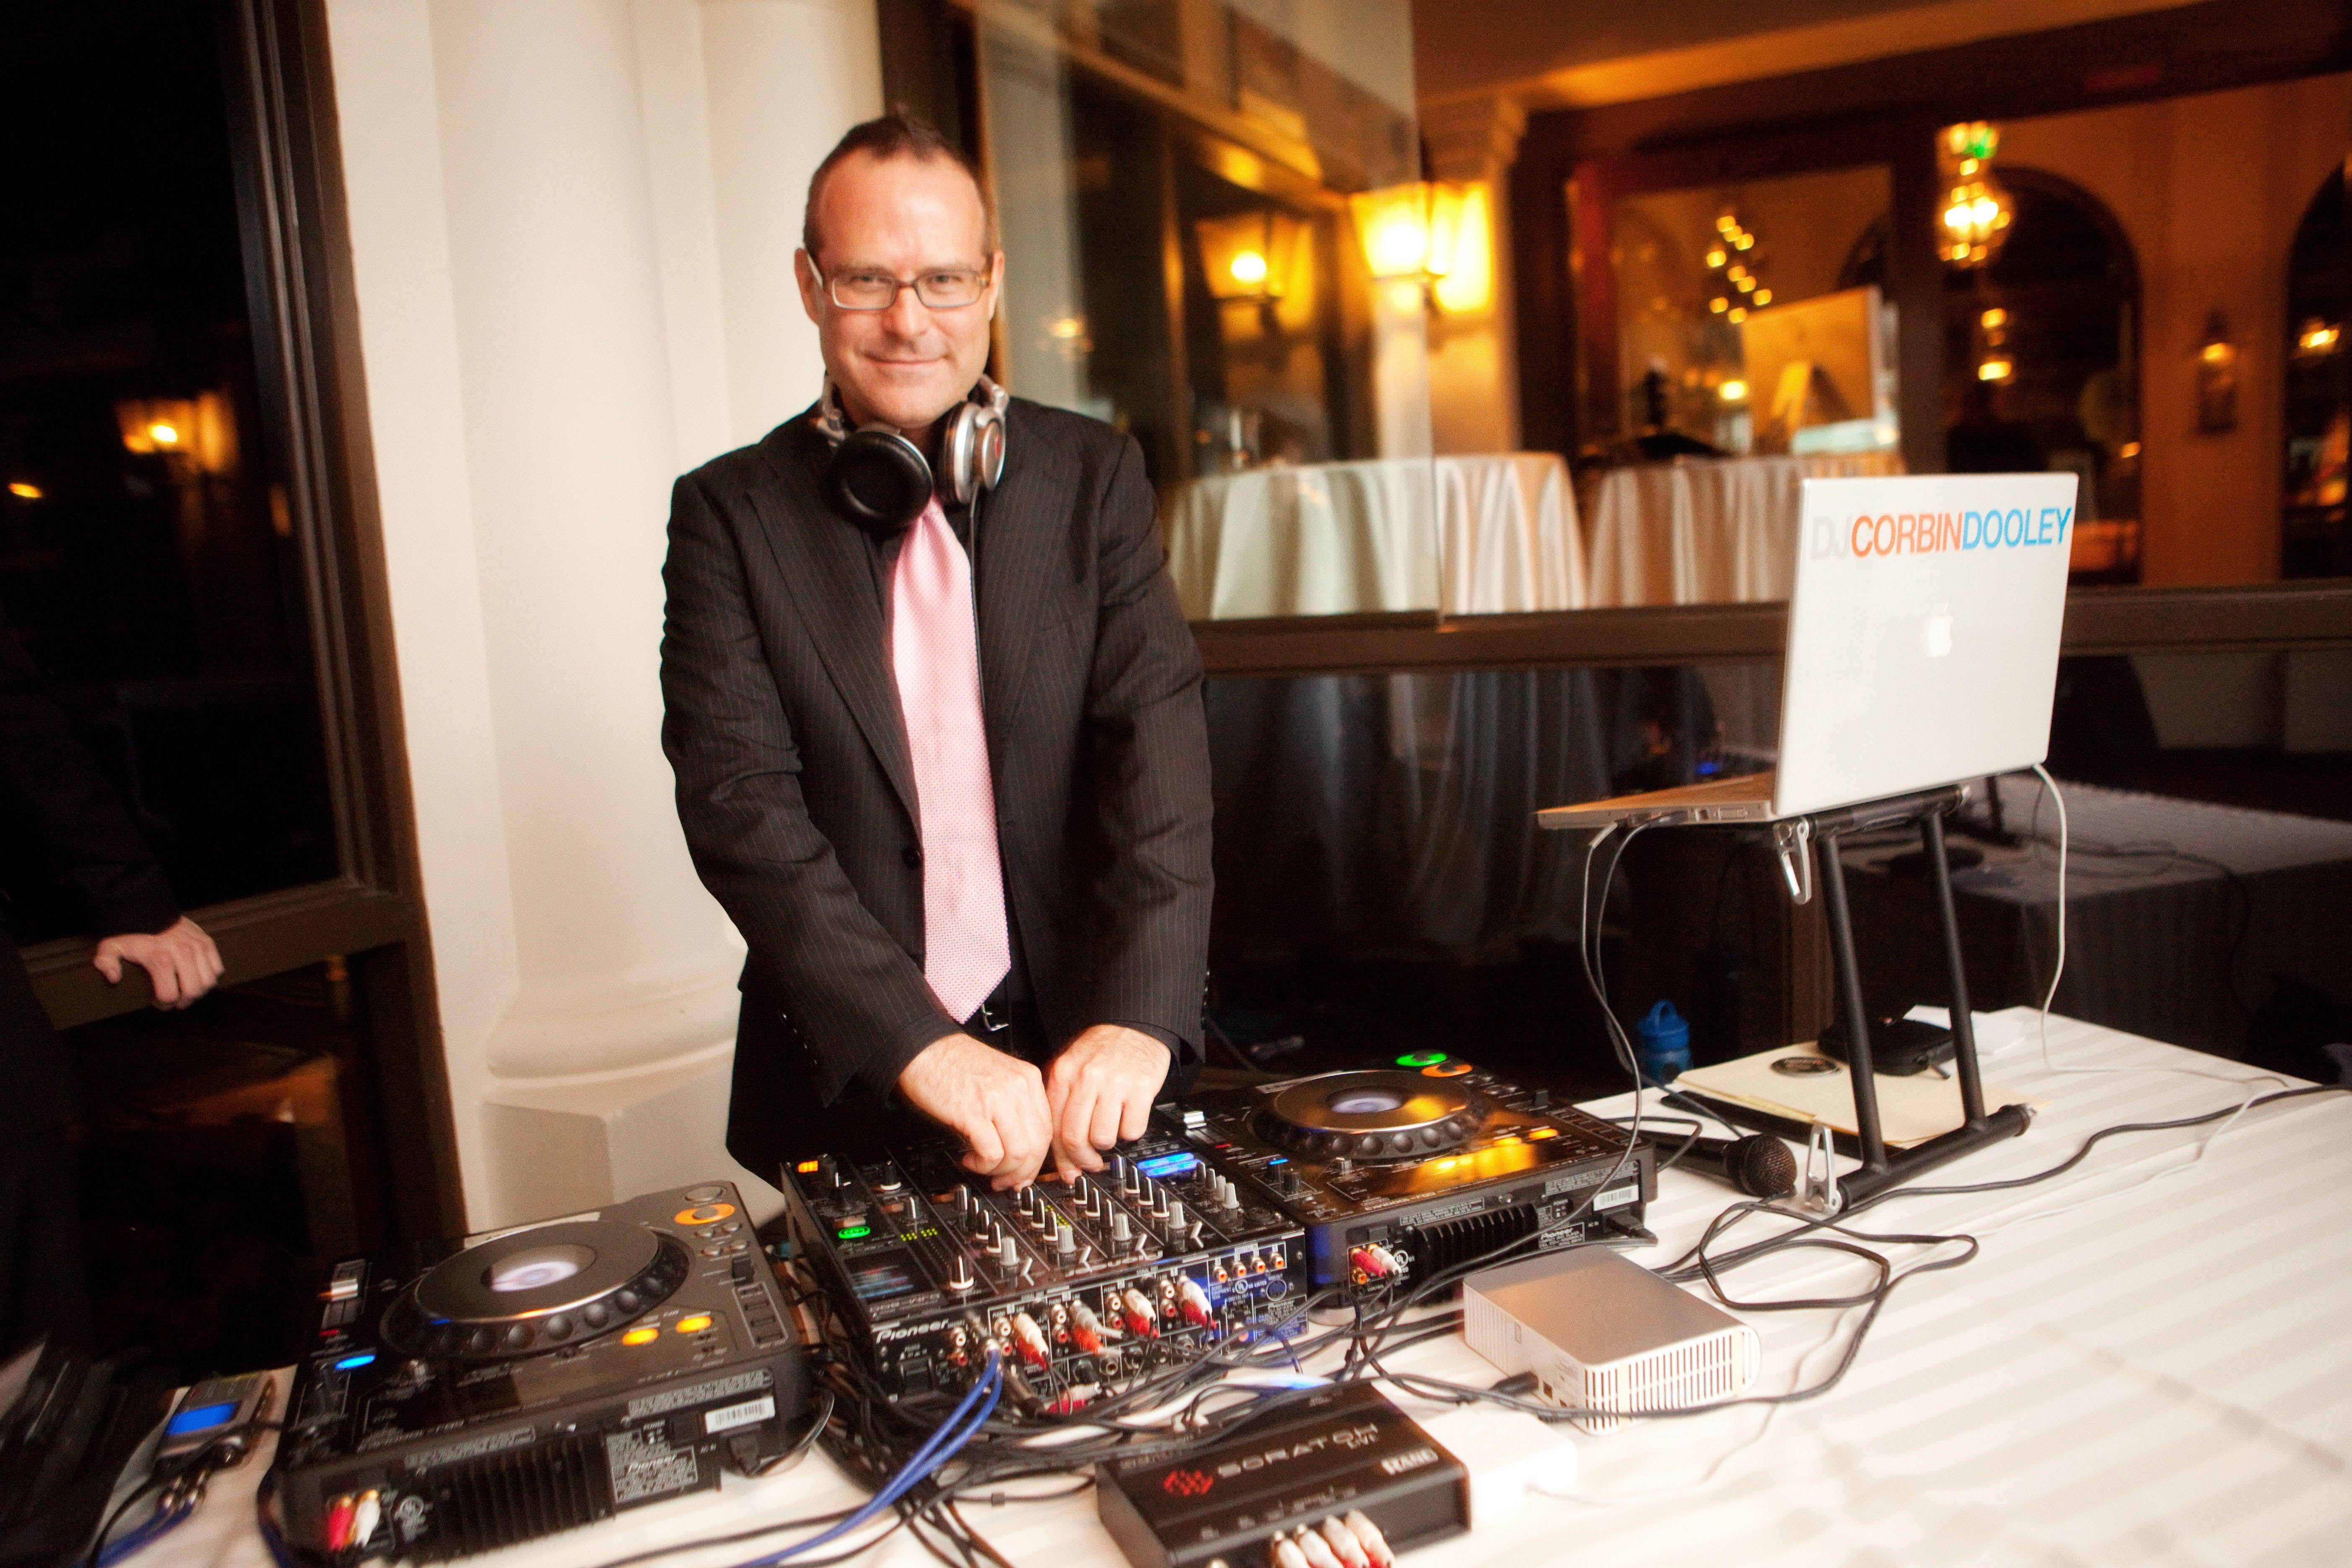 Wedding Dj How To Wedding dj, Wedding dj playlist